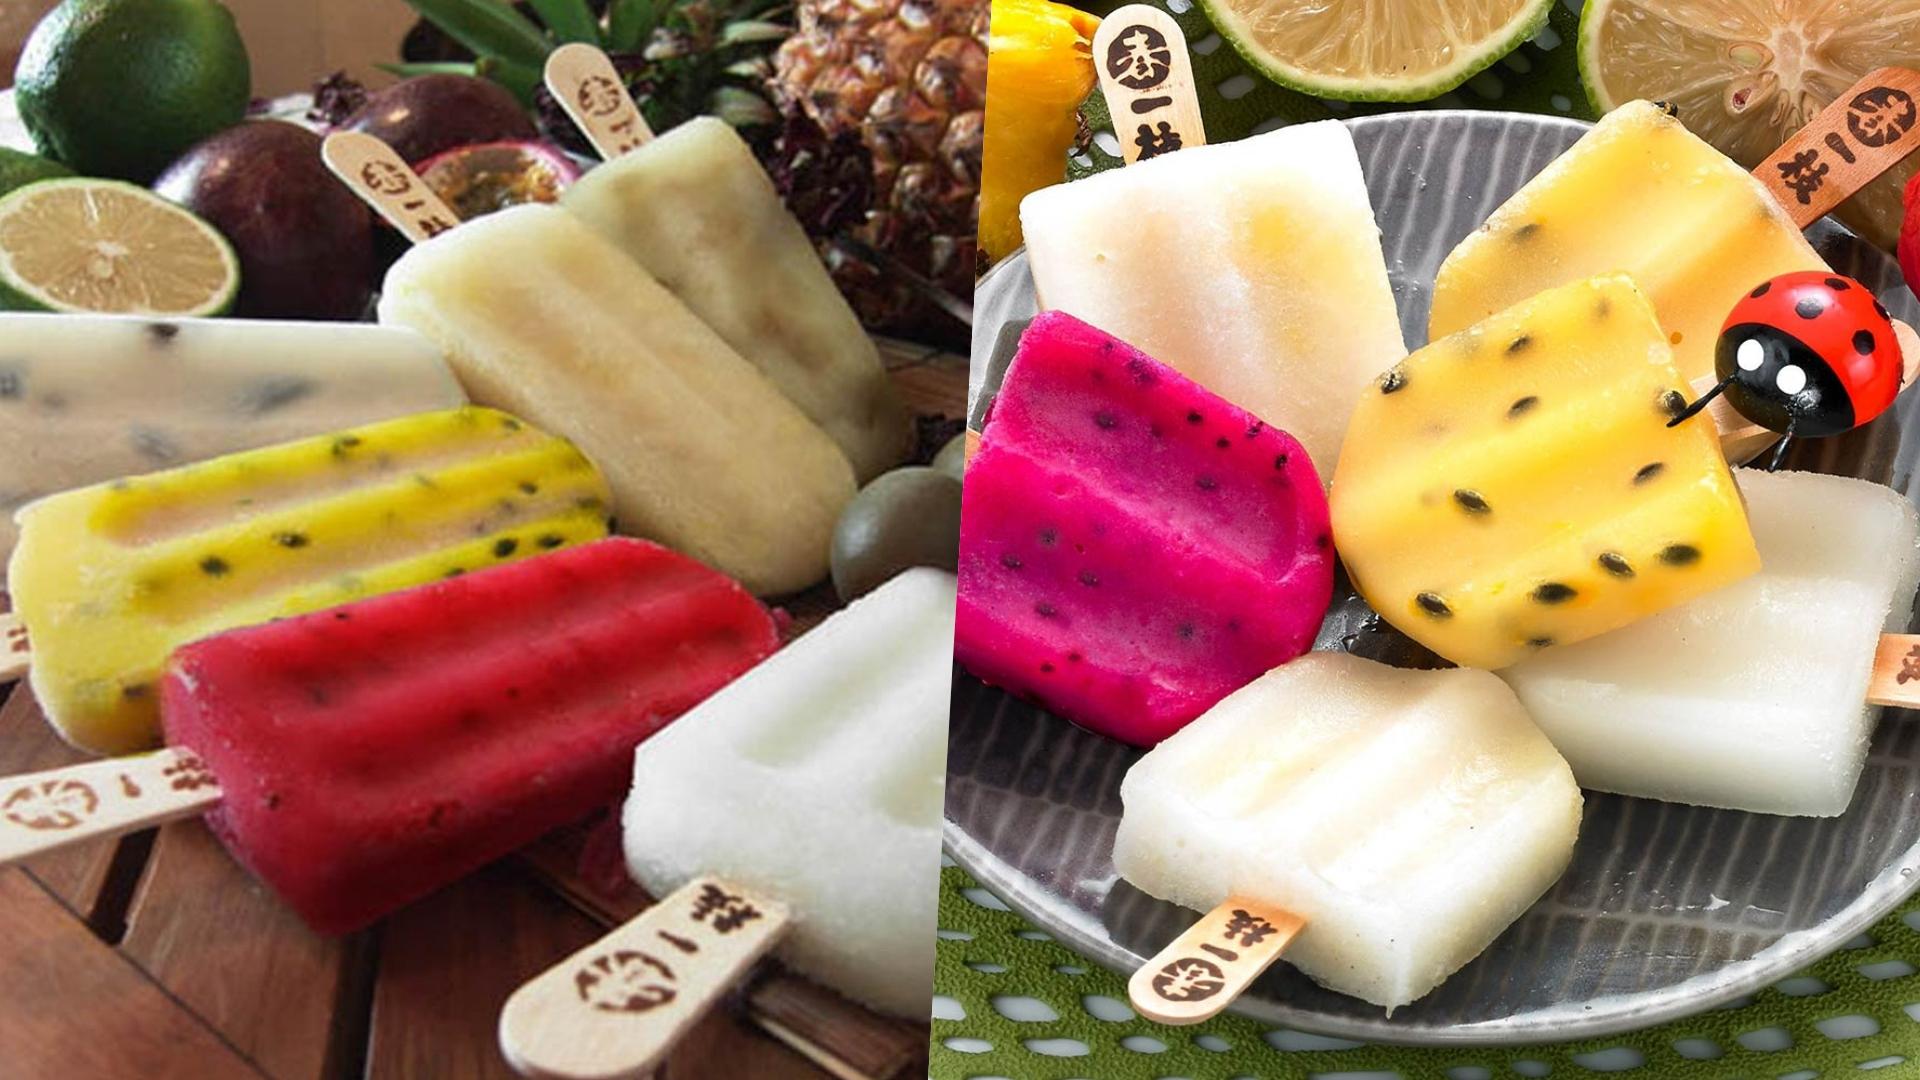 台灣唯一的天然水果手作冰棒,不添加化學成分和其他添加物,只用「水」「糖」「水果」三種材料製成,給小朋友吃也超放心!